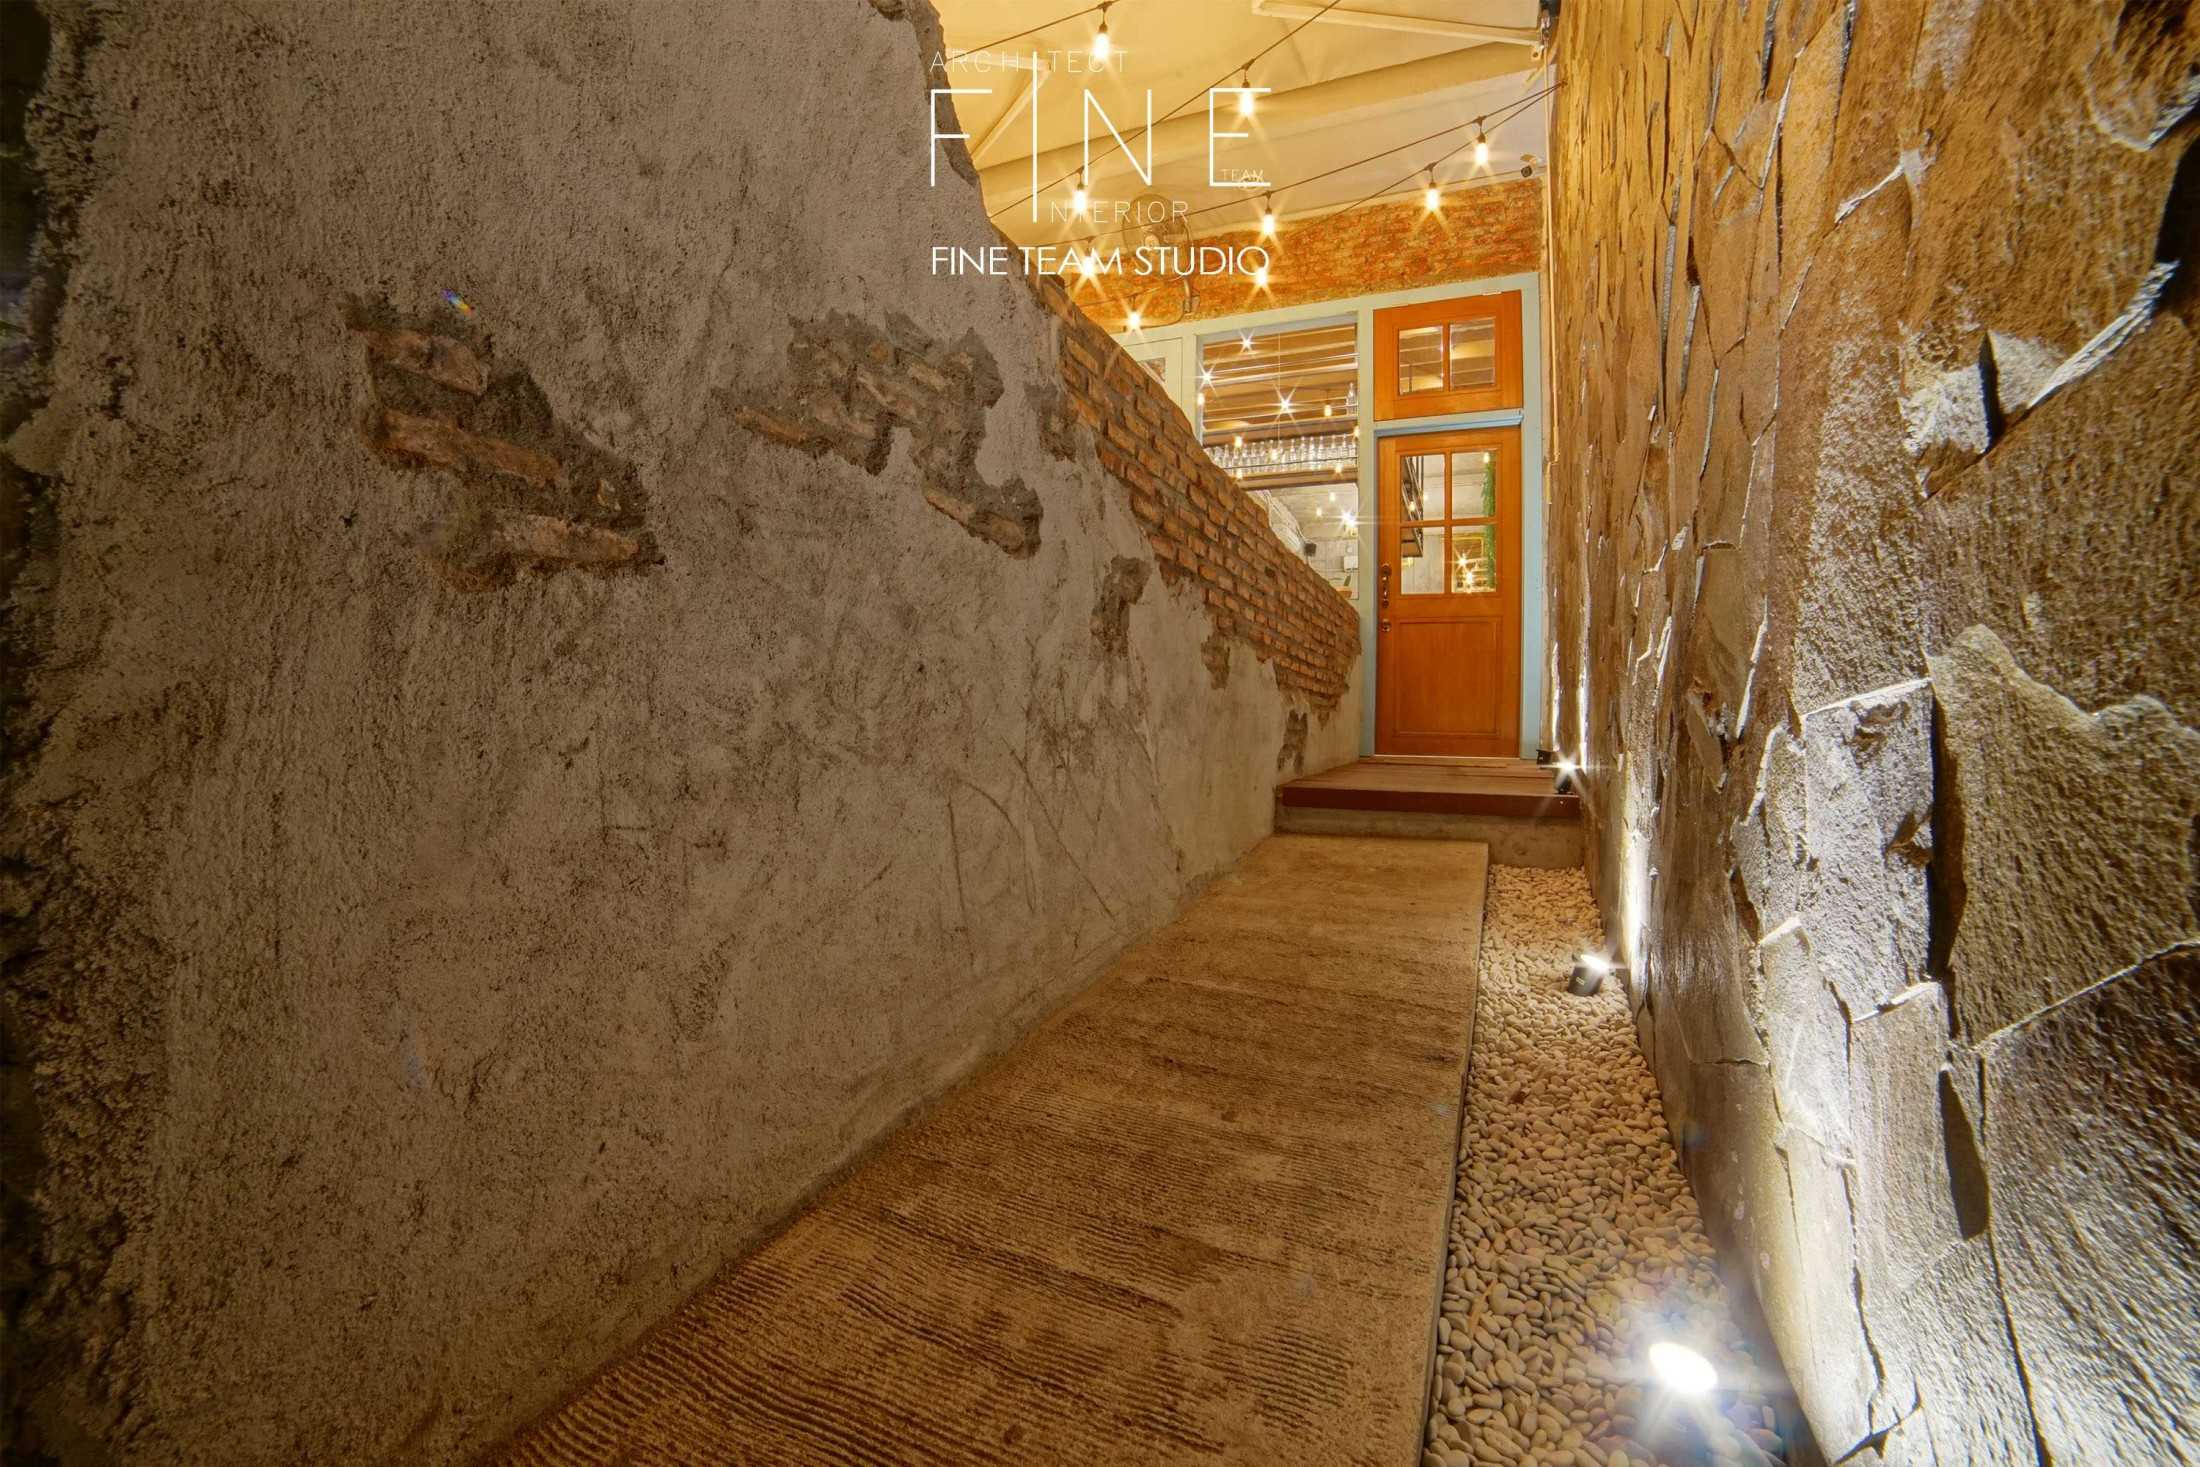 Foto inspirasi ide desain koridor dan lorong industrial Fine-team-studio-delapan-gram oleh Fine Team Studio di Arsitag